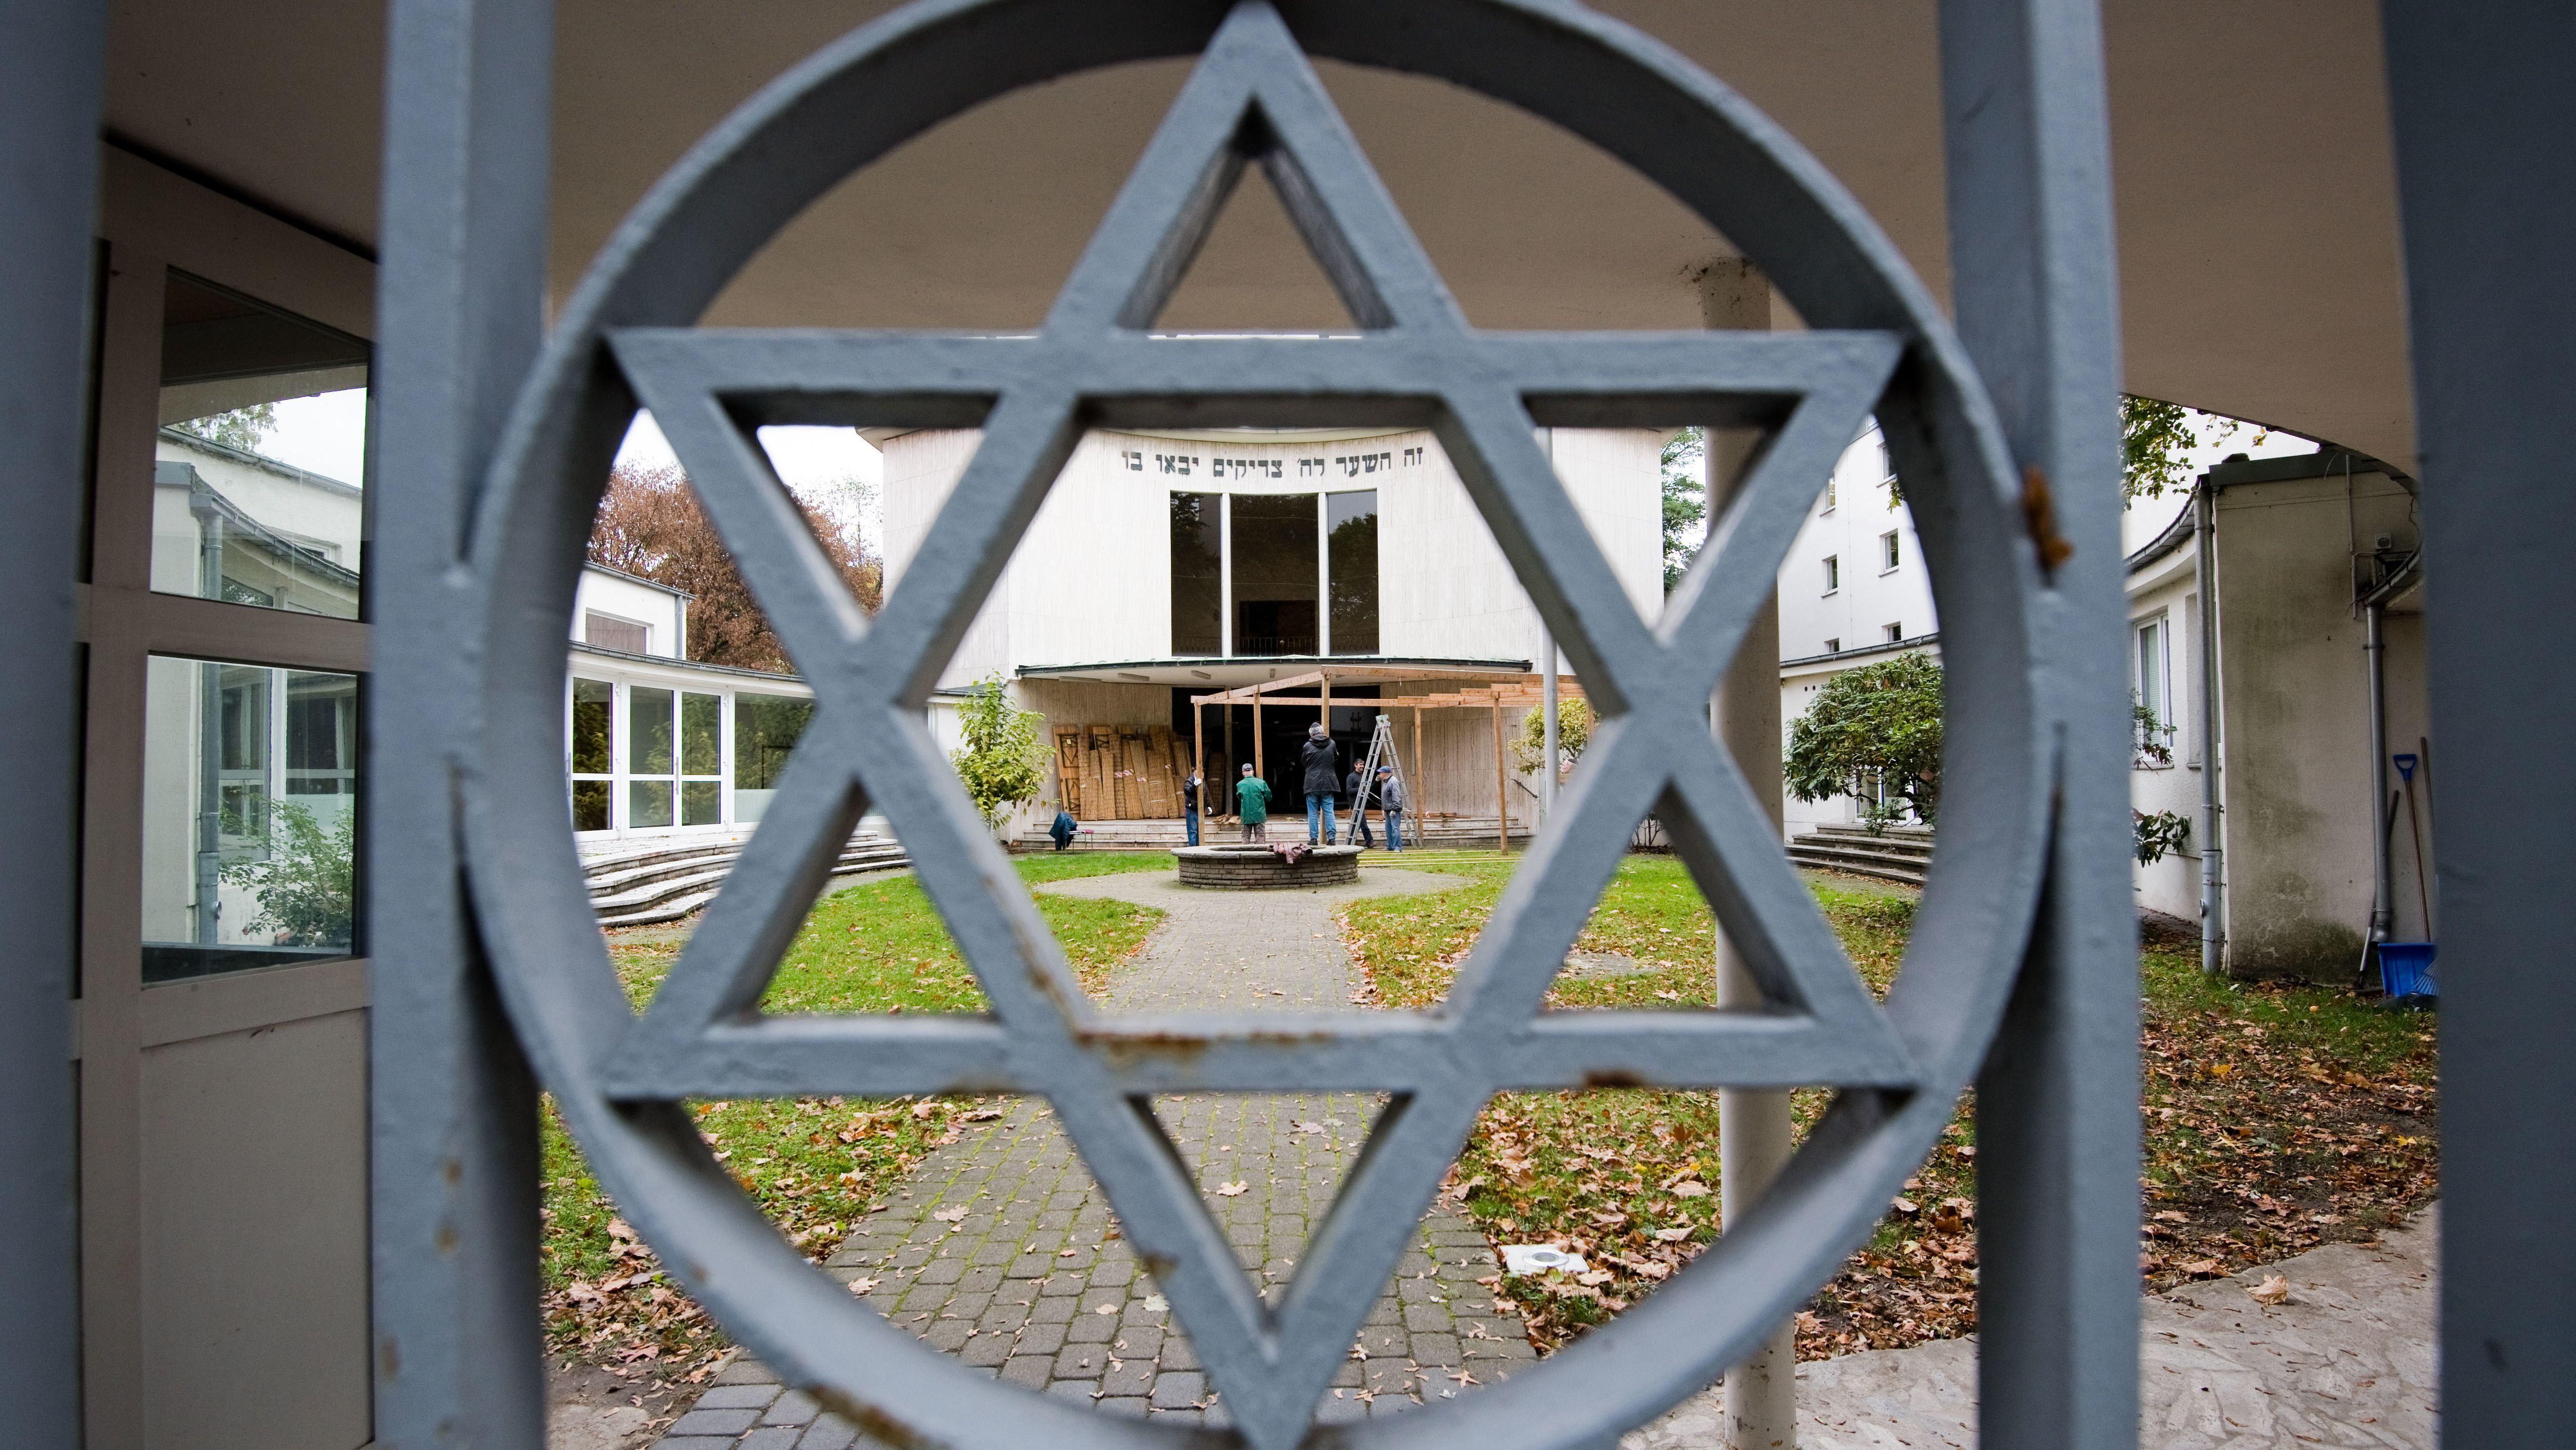 Ein Davidstern am Eingang zur Synagoge der Jüdischen Gemeinde Hannover.